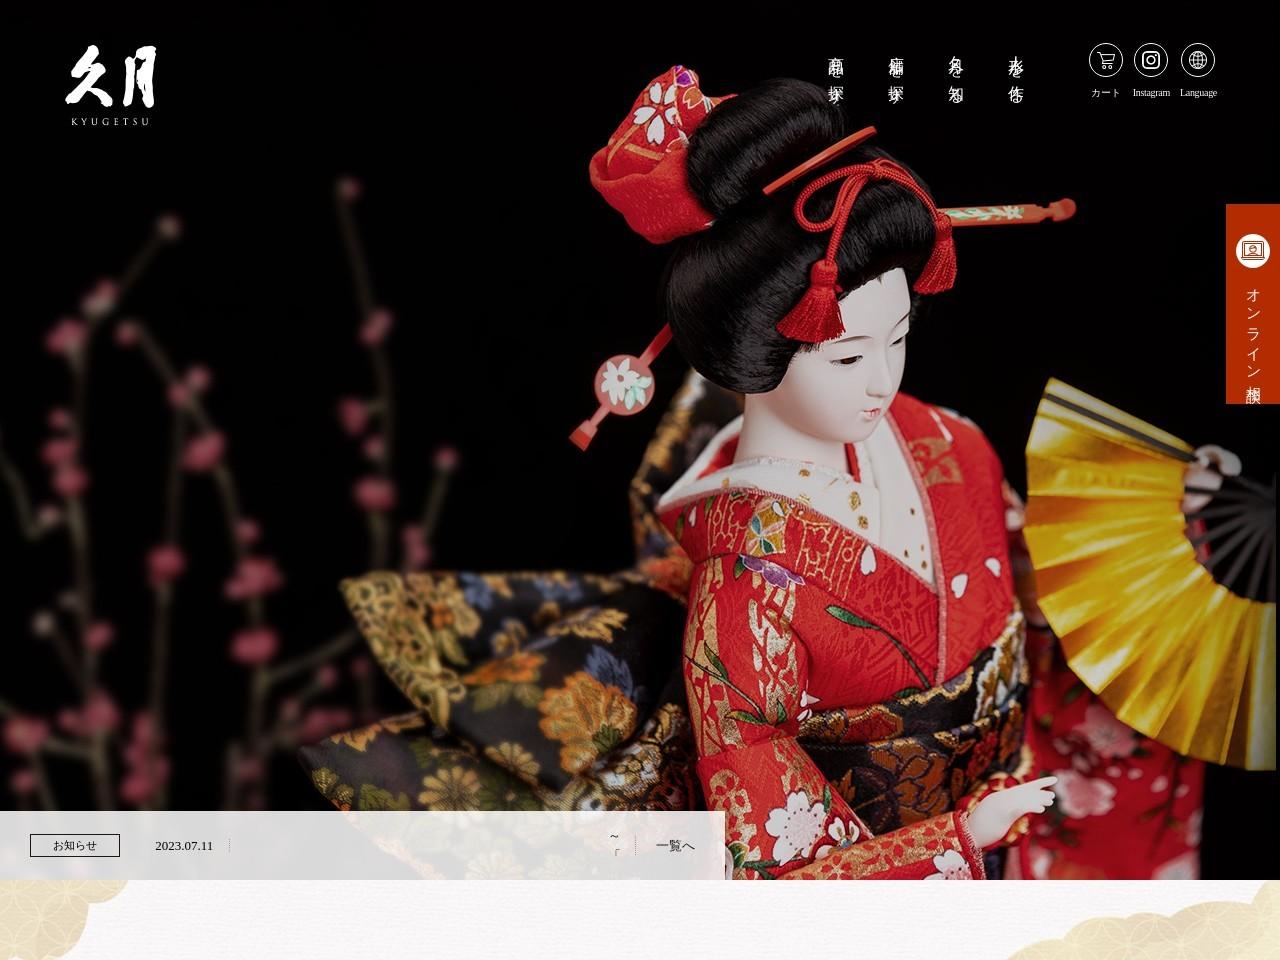 久月スペシャルサイト(公式)│ひな人形、五月人形、羽子板、破魔弓